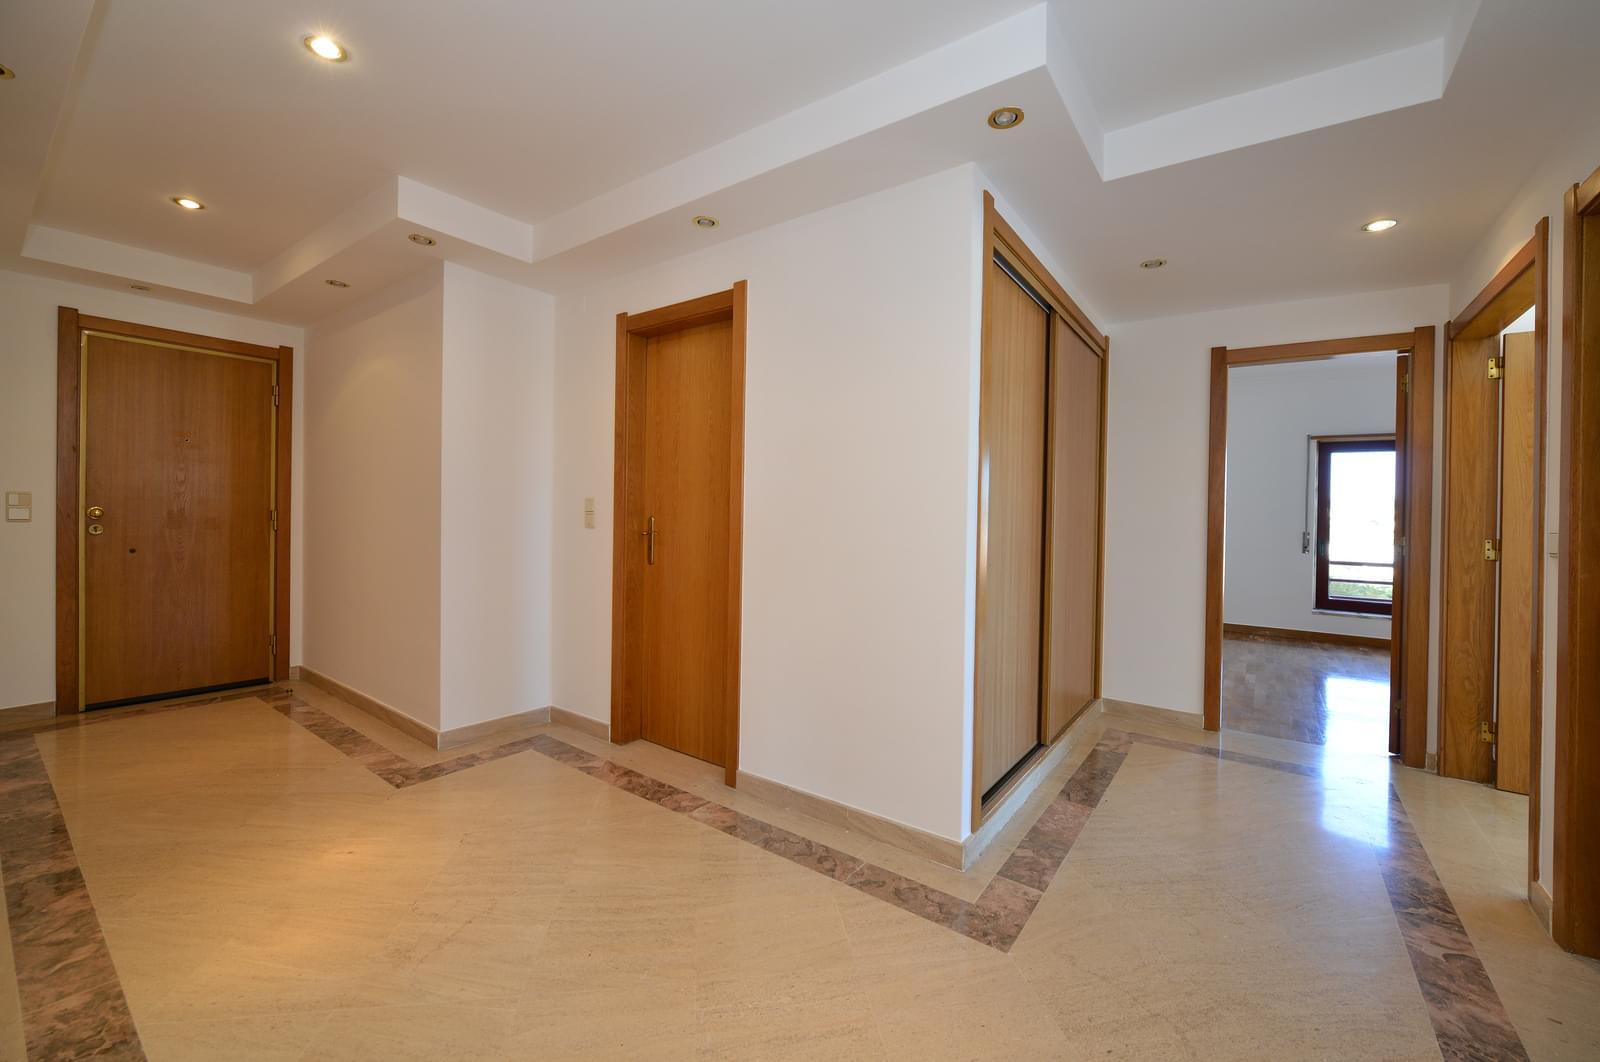 pf17174-apartamento-t3-oeiras-19b18f02-60e0-46e8-b558-485592b85b3d